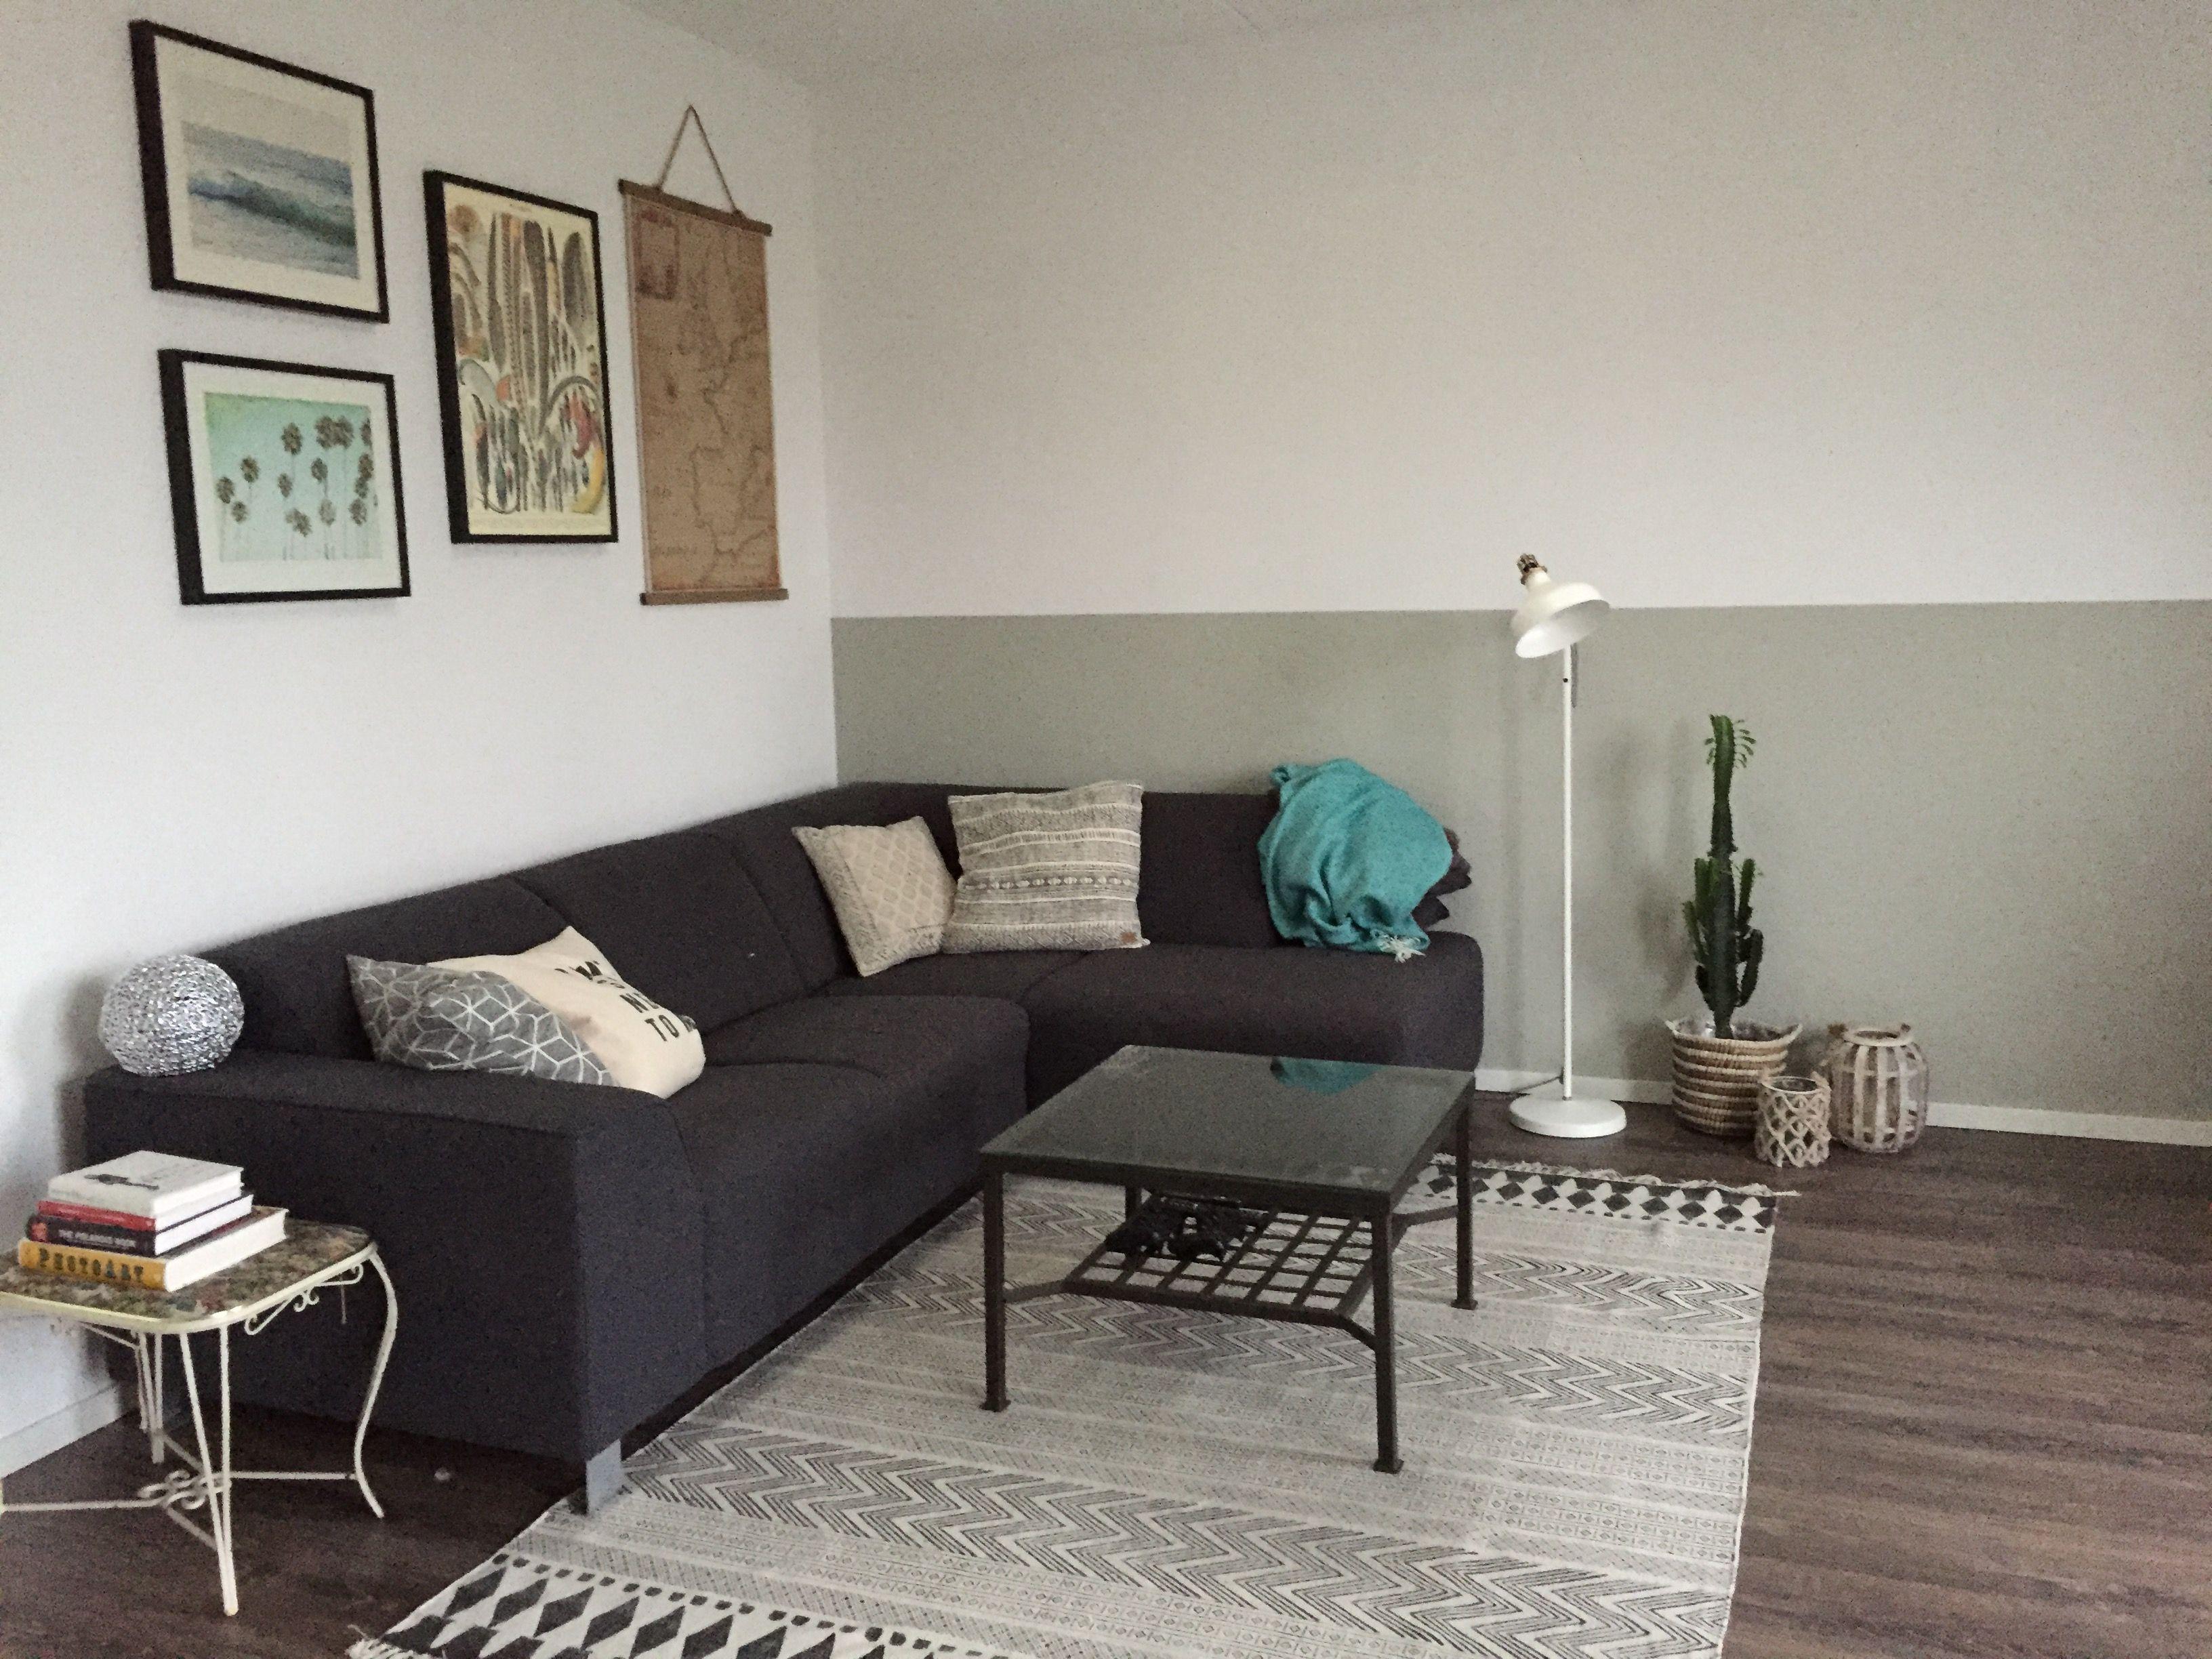 living room woonkamer leenbakker ikea sissyboy planten cactus intratuin tafel glas bank antraciet house doctor vloerkleed kiezelgrijs muur